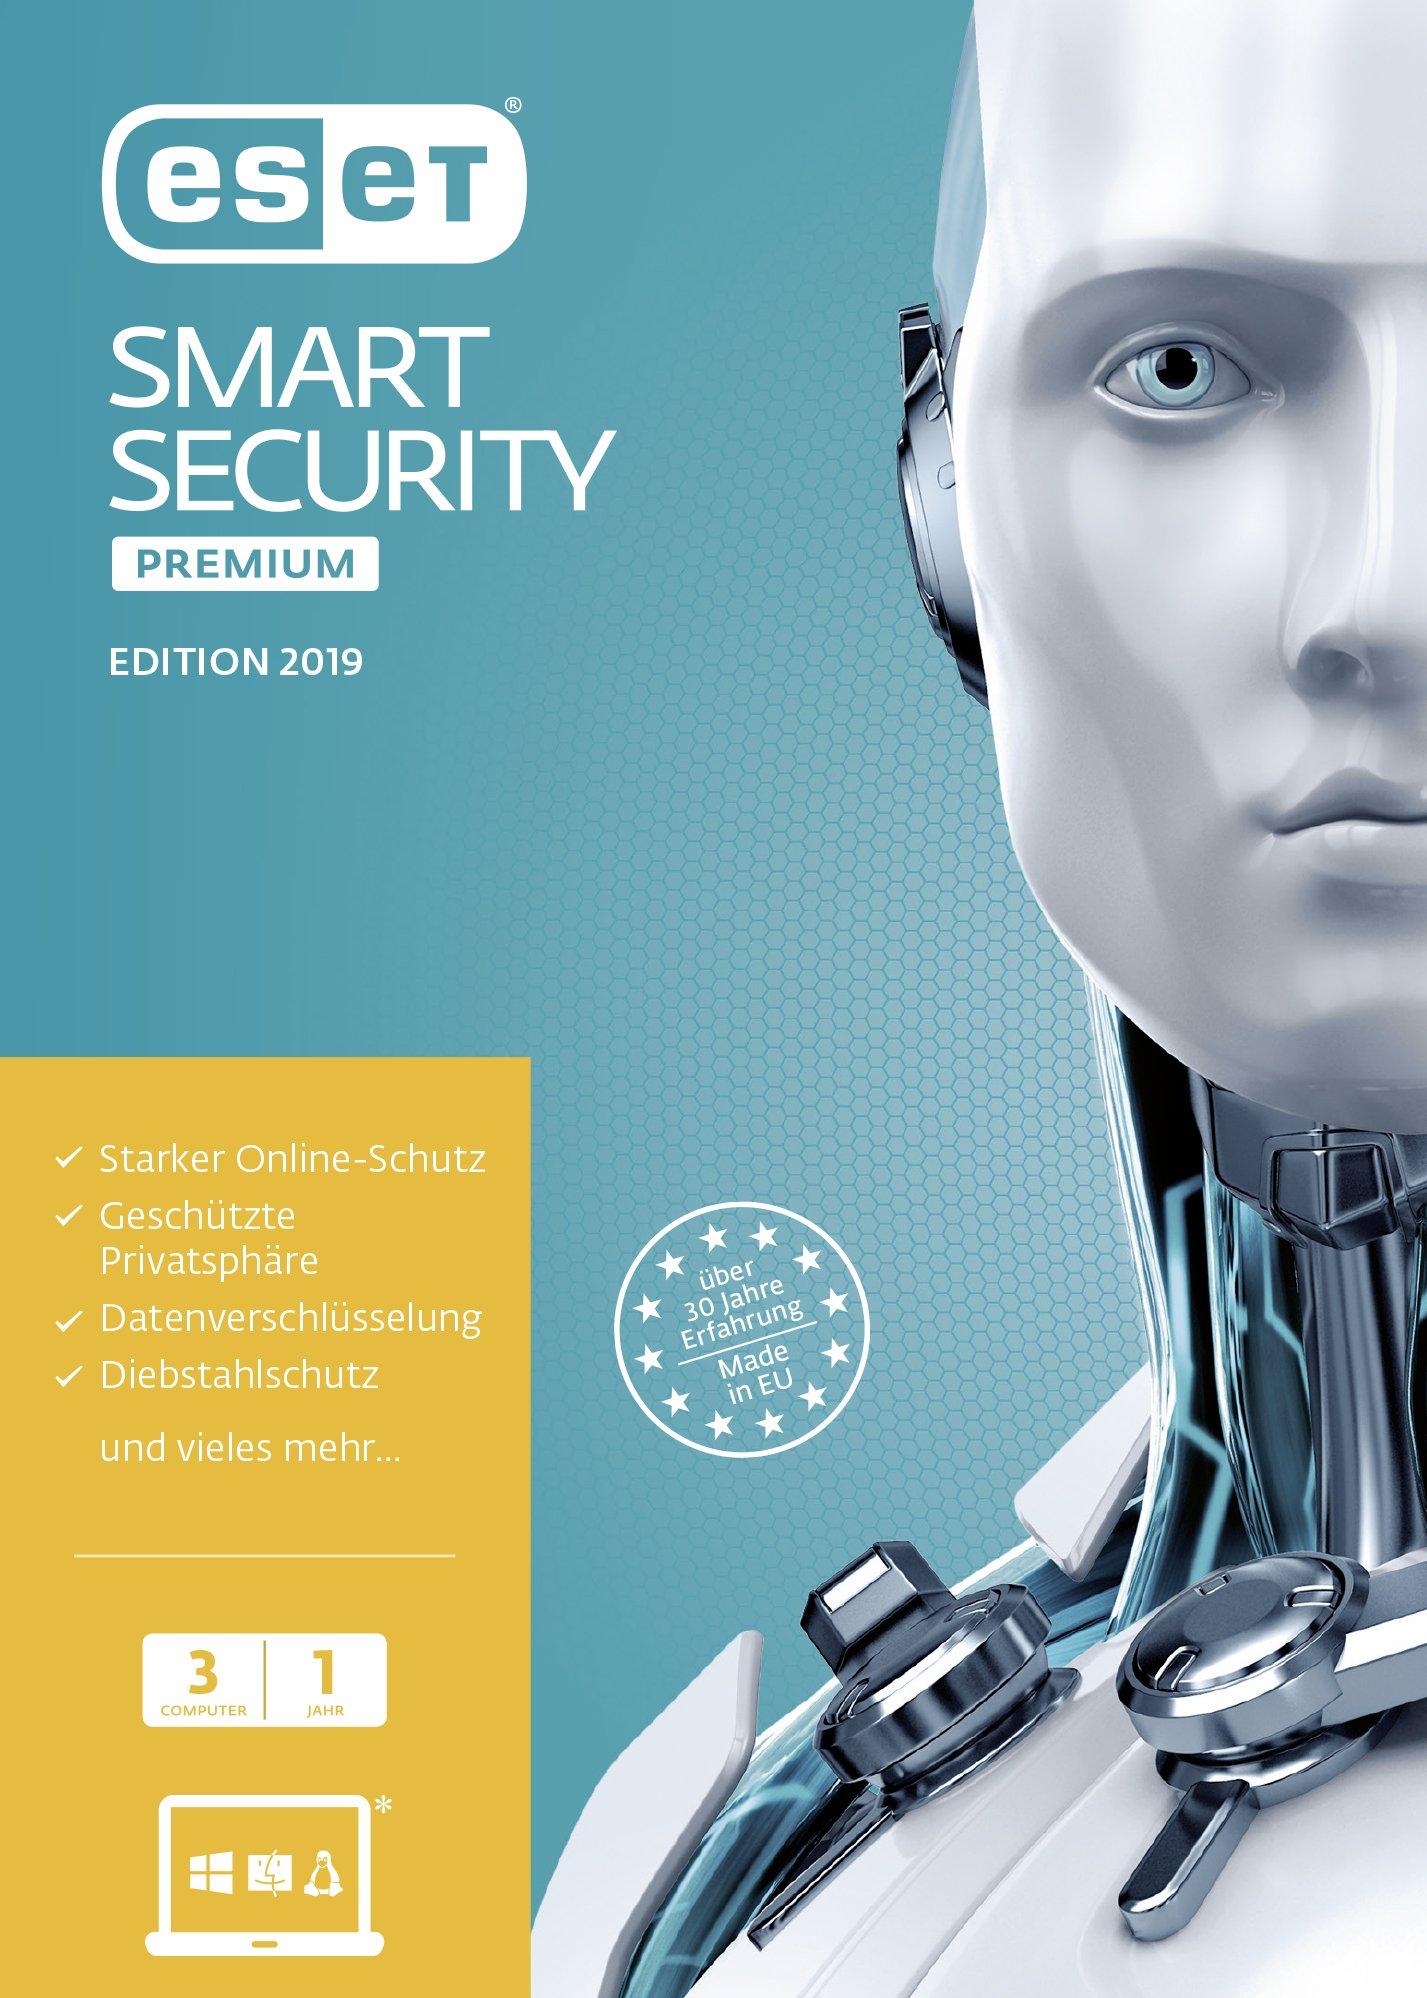 ESET Smart Security Premium 2019 Edition 3 User FFP . Für Windows Vista/7/8/10/MAC/Linux: Amazon.es: Libros en idiomas extranjeros